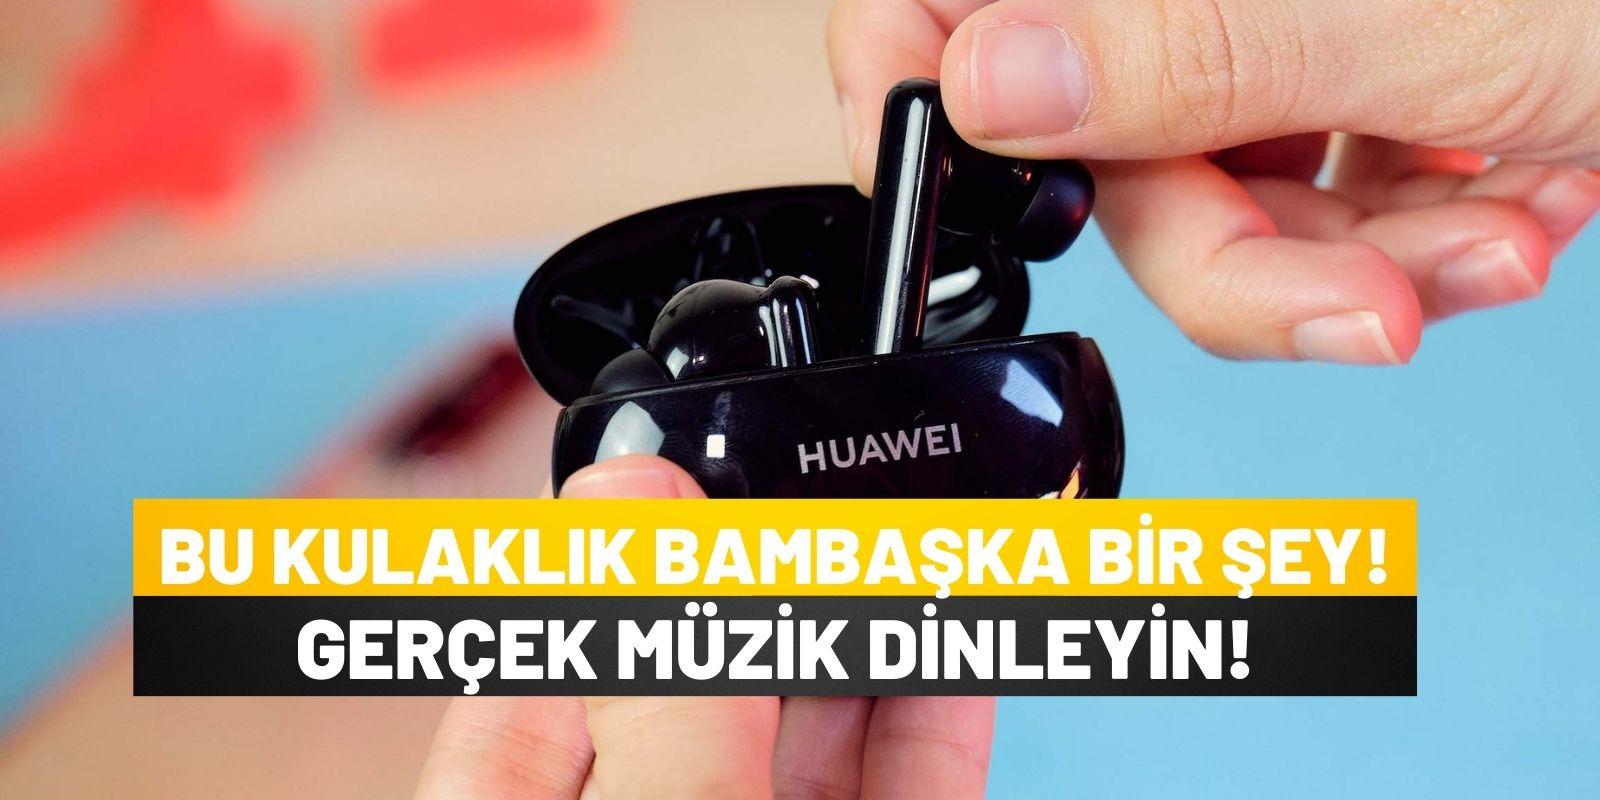 Galatasaray Dünyaca Ünlü Derginin Kapağında Yer Aldı